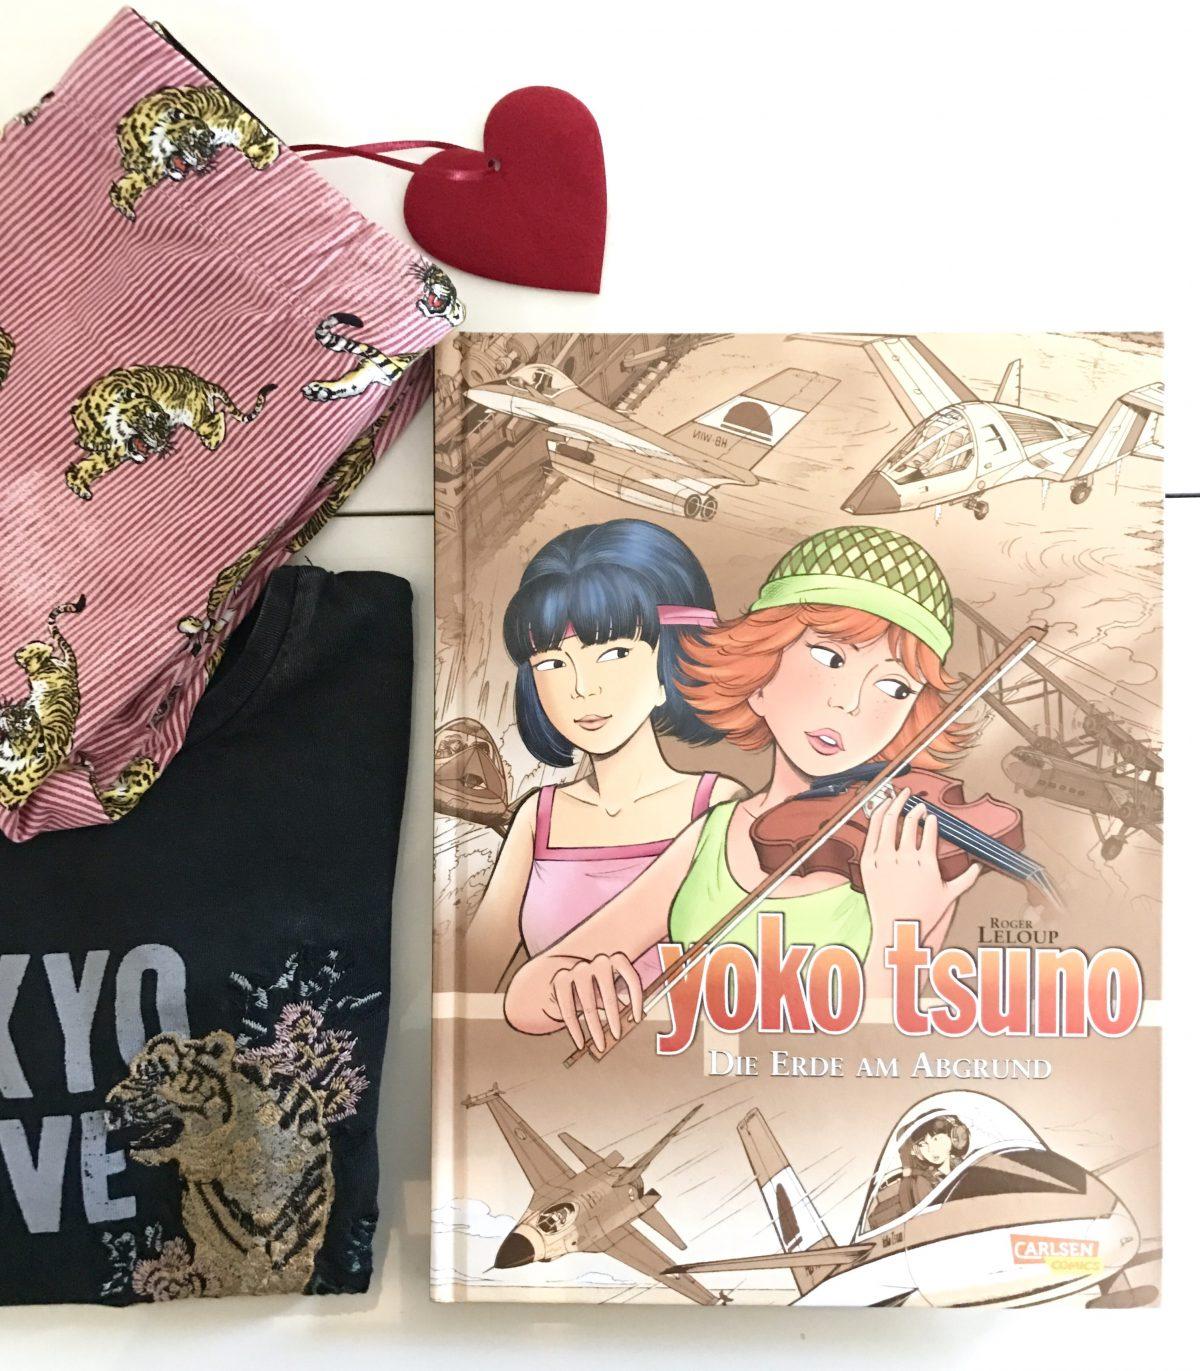 Comicliebe: Yoko Tsuno   Berlinmittemom.com